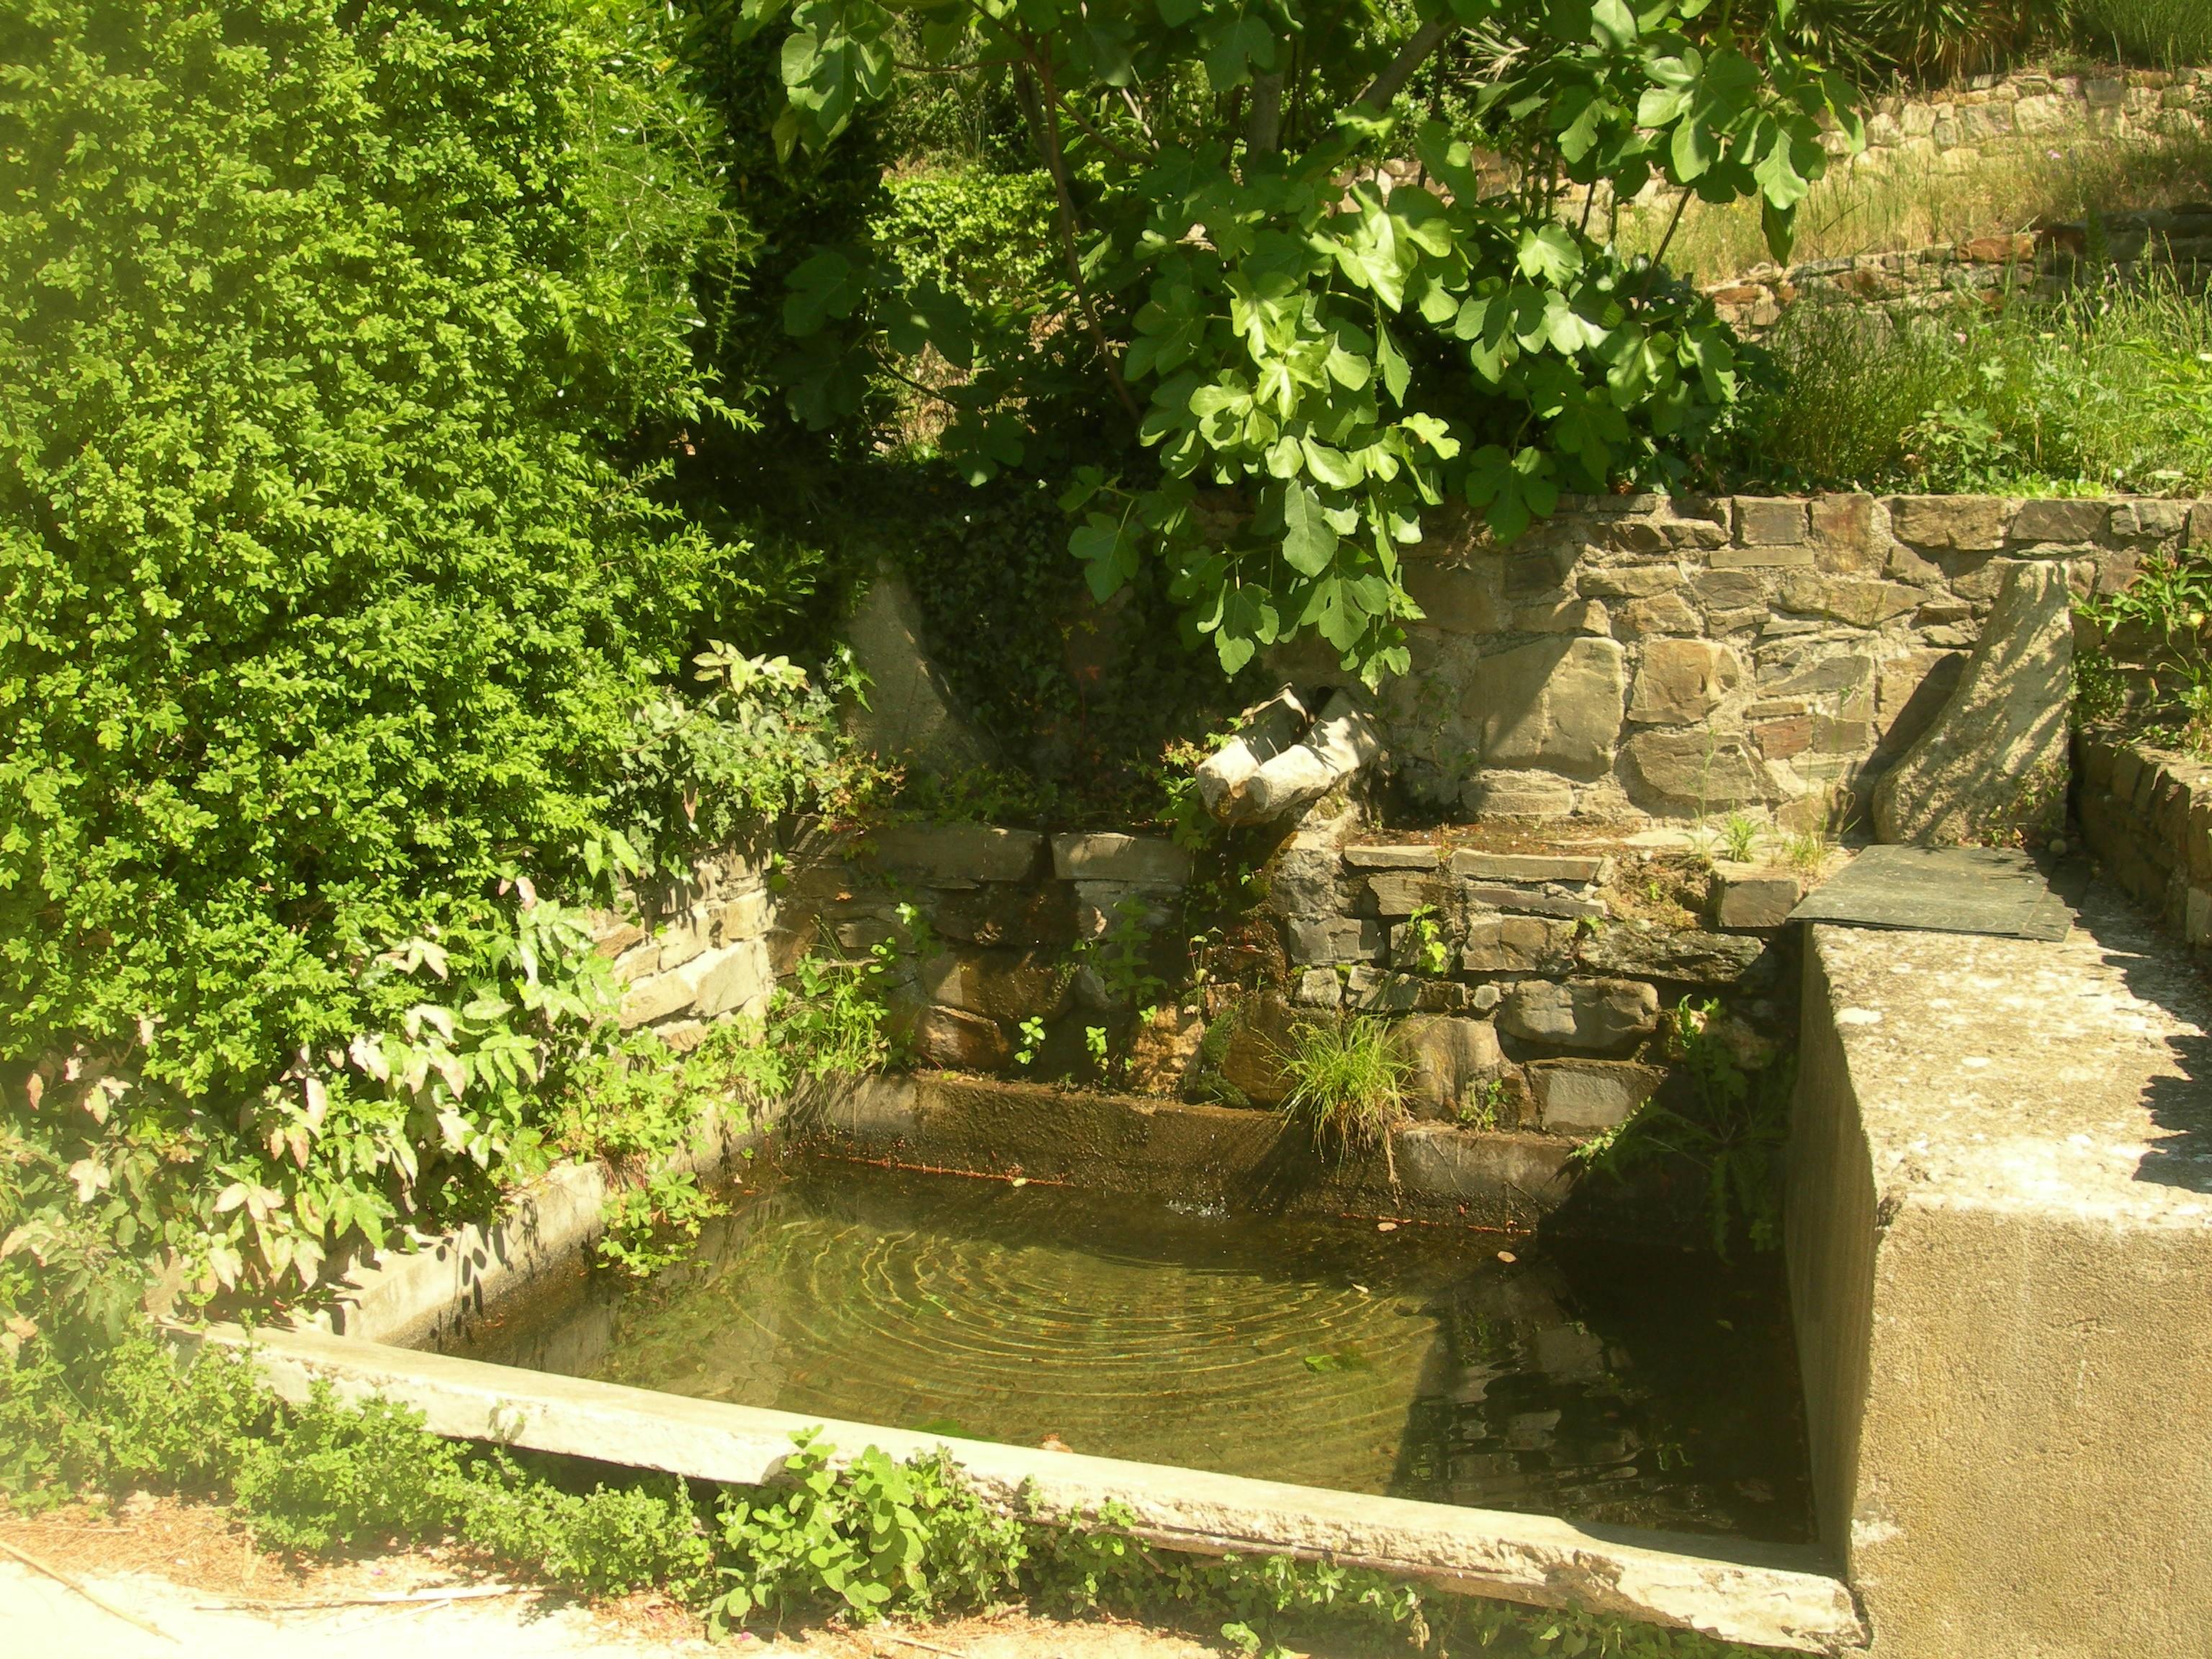 le bassin en pierre de la source